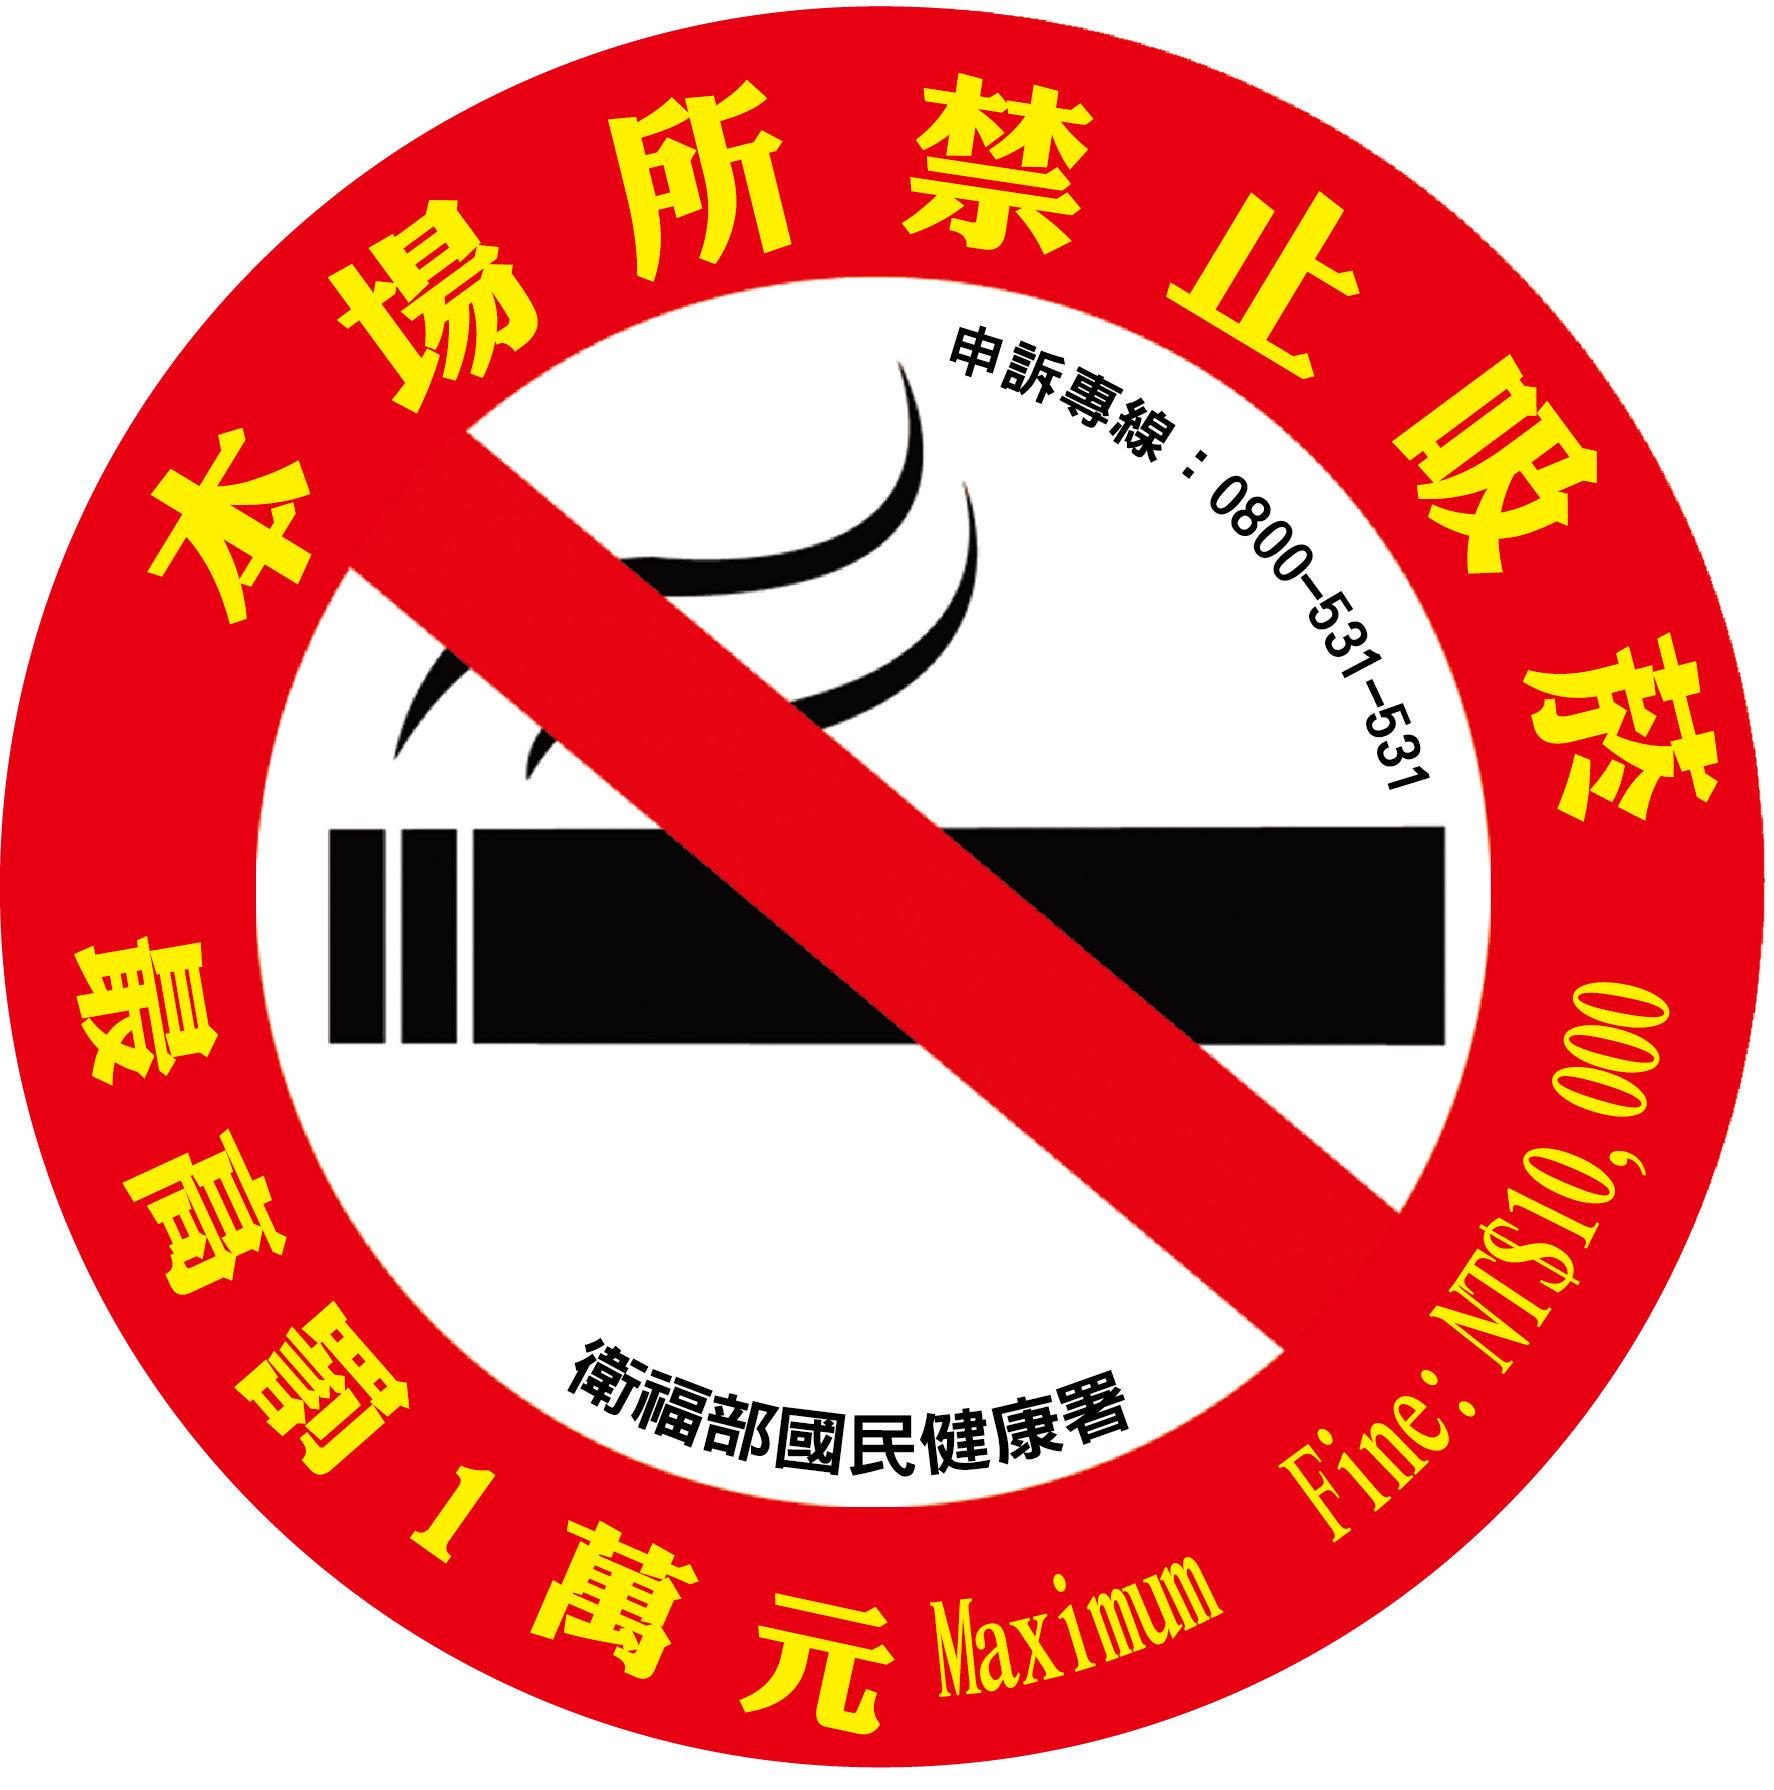 本場所禁止吸菸,最高罰1萬元(透明靜電貼紙)12cm